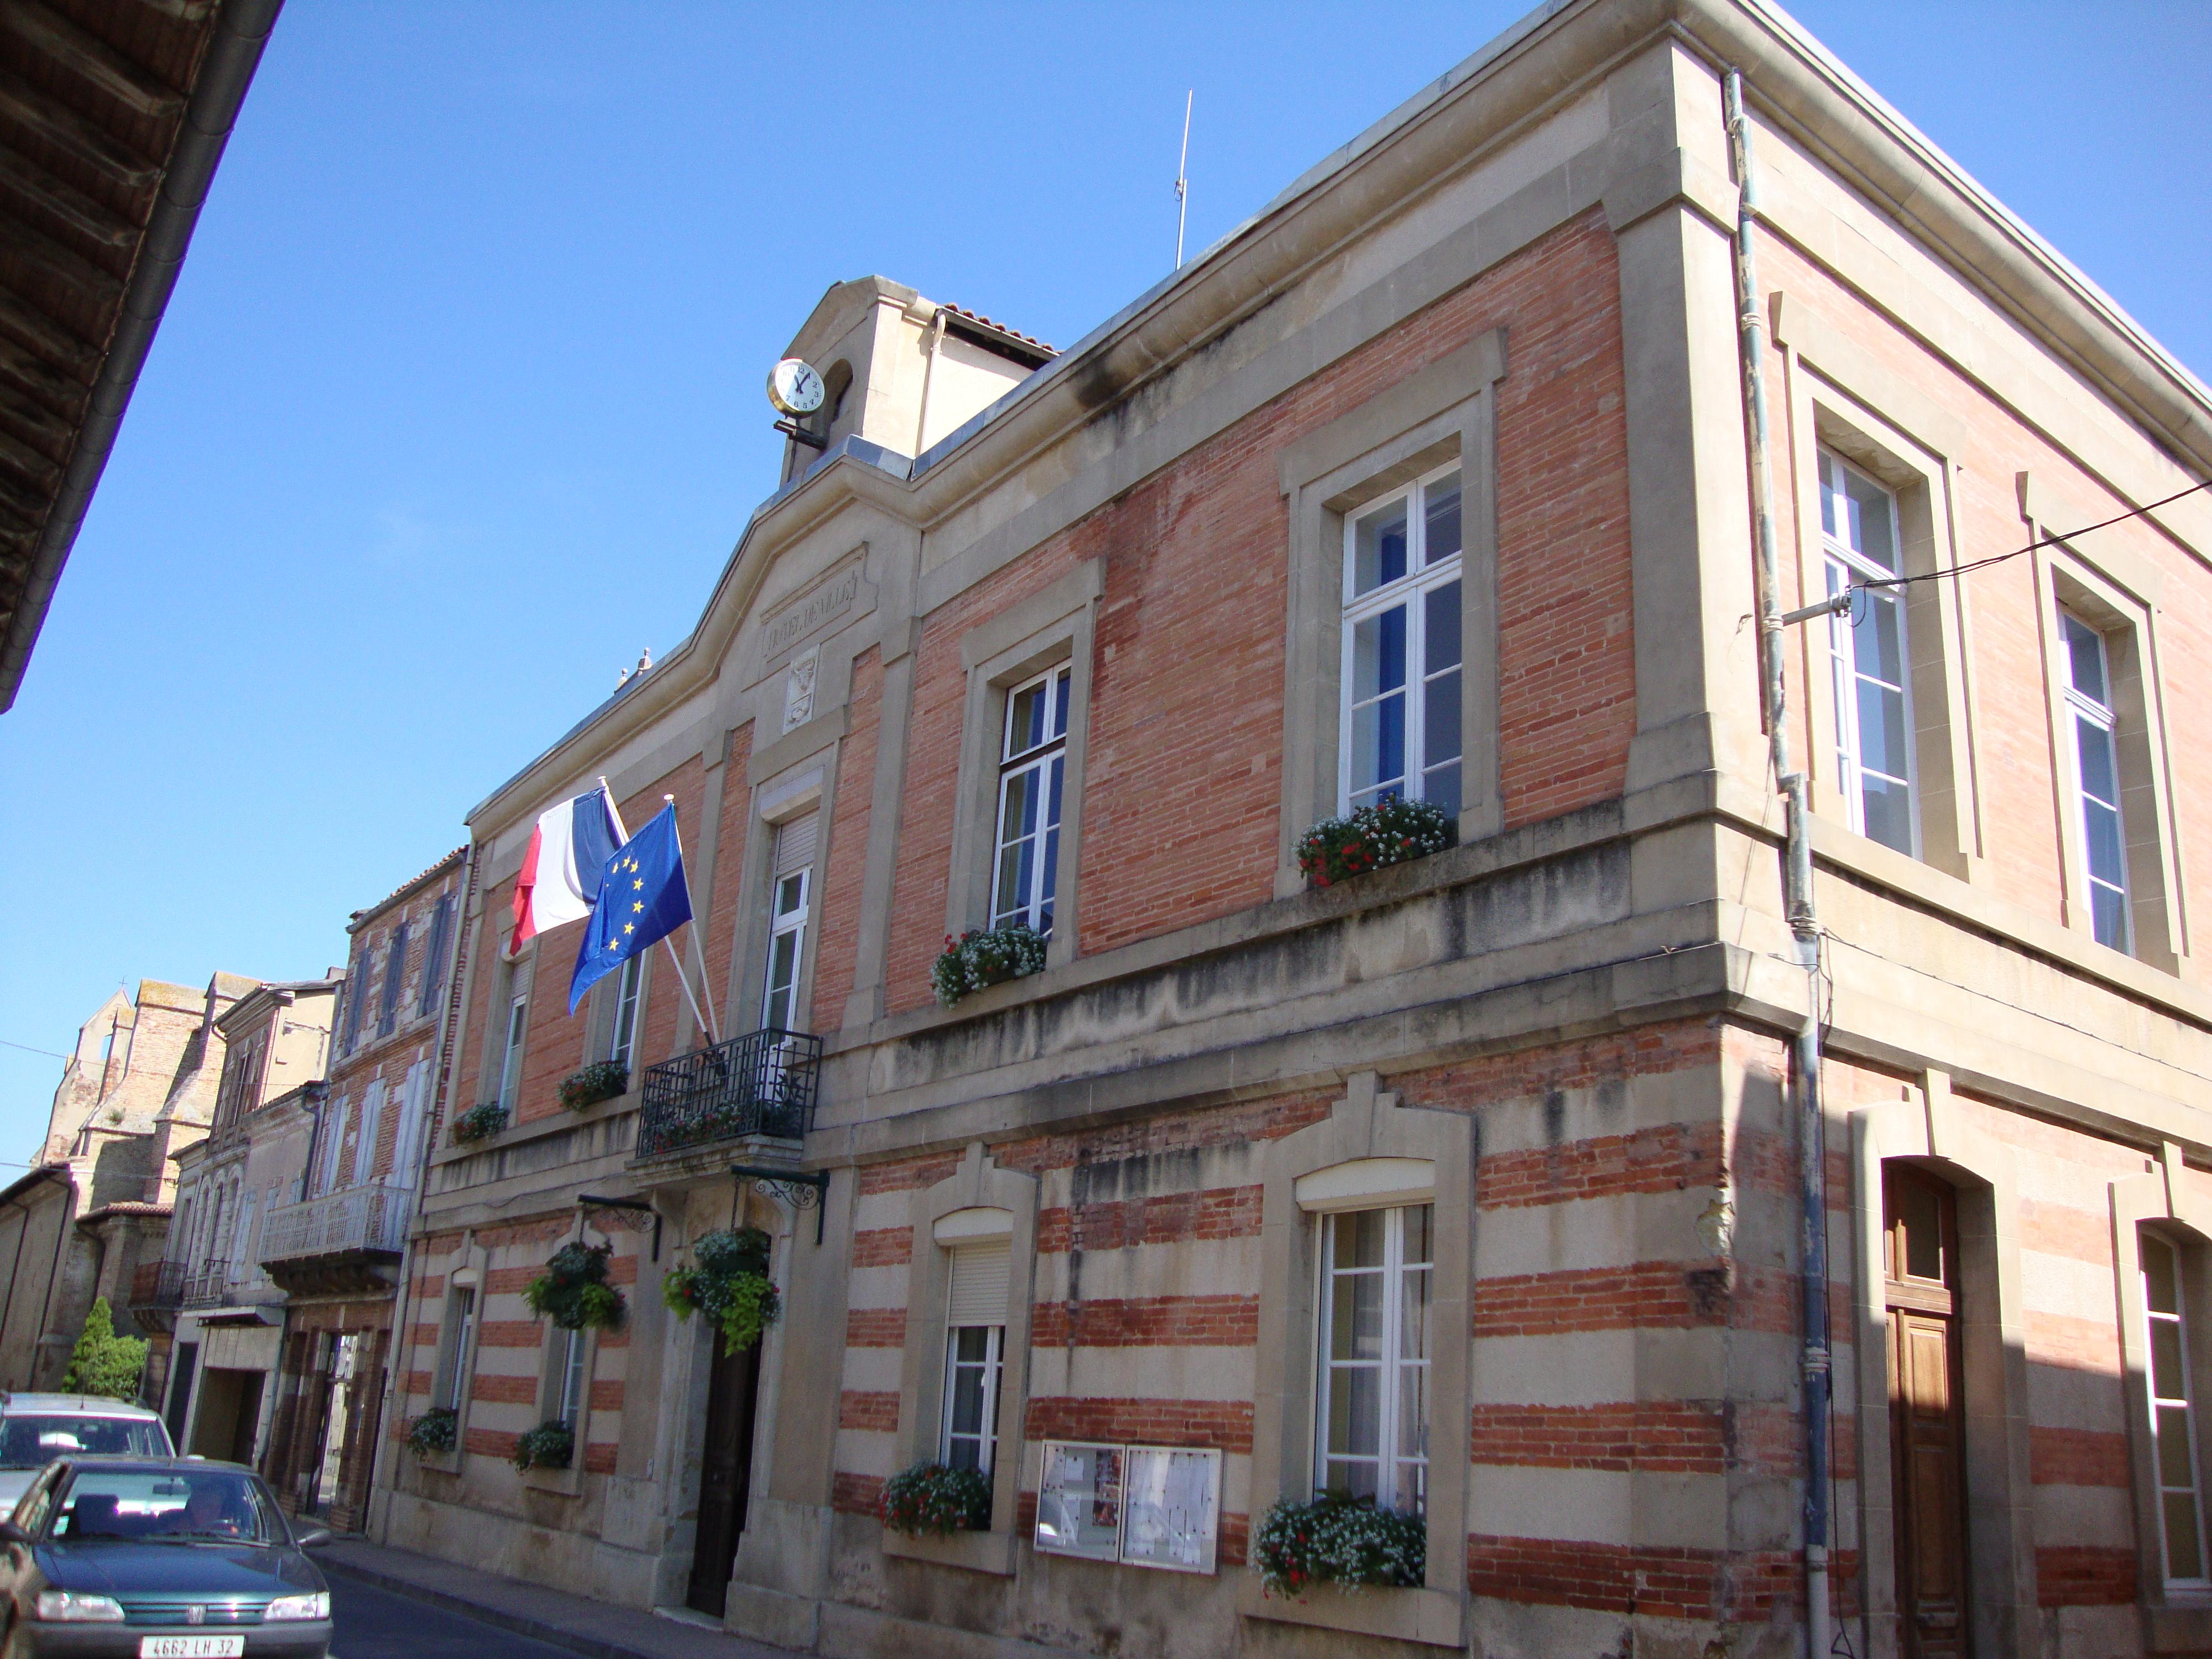 Liste Des Lieux De Drague De Type Aire-de-repos Dans Le Département Sarthe (72)